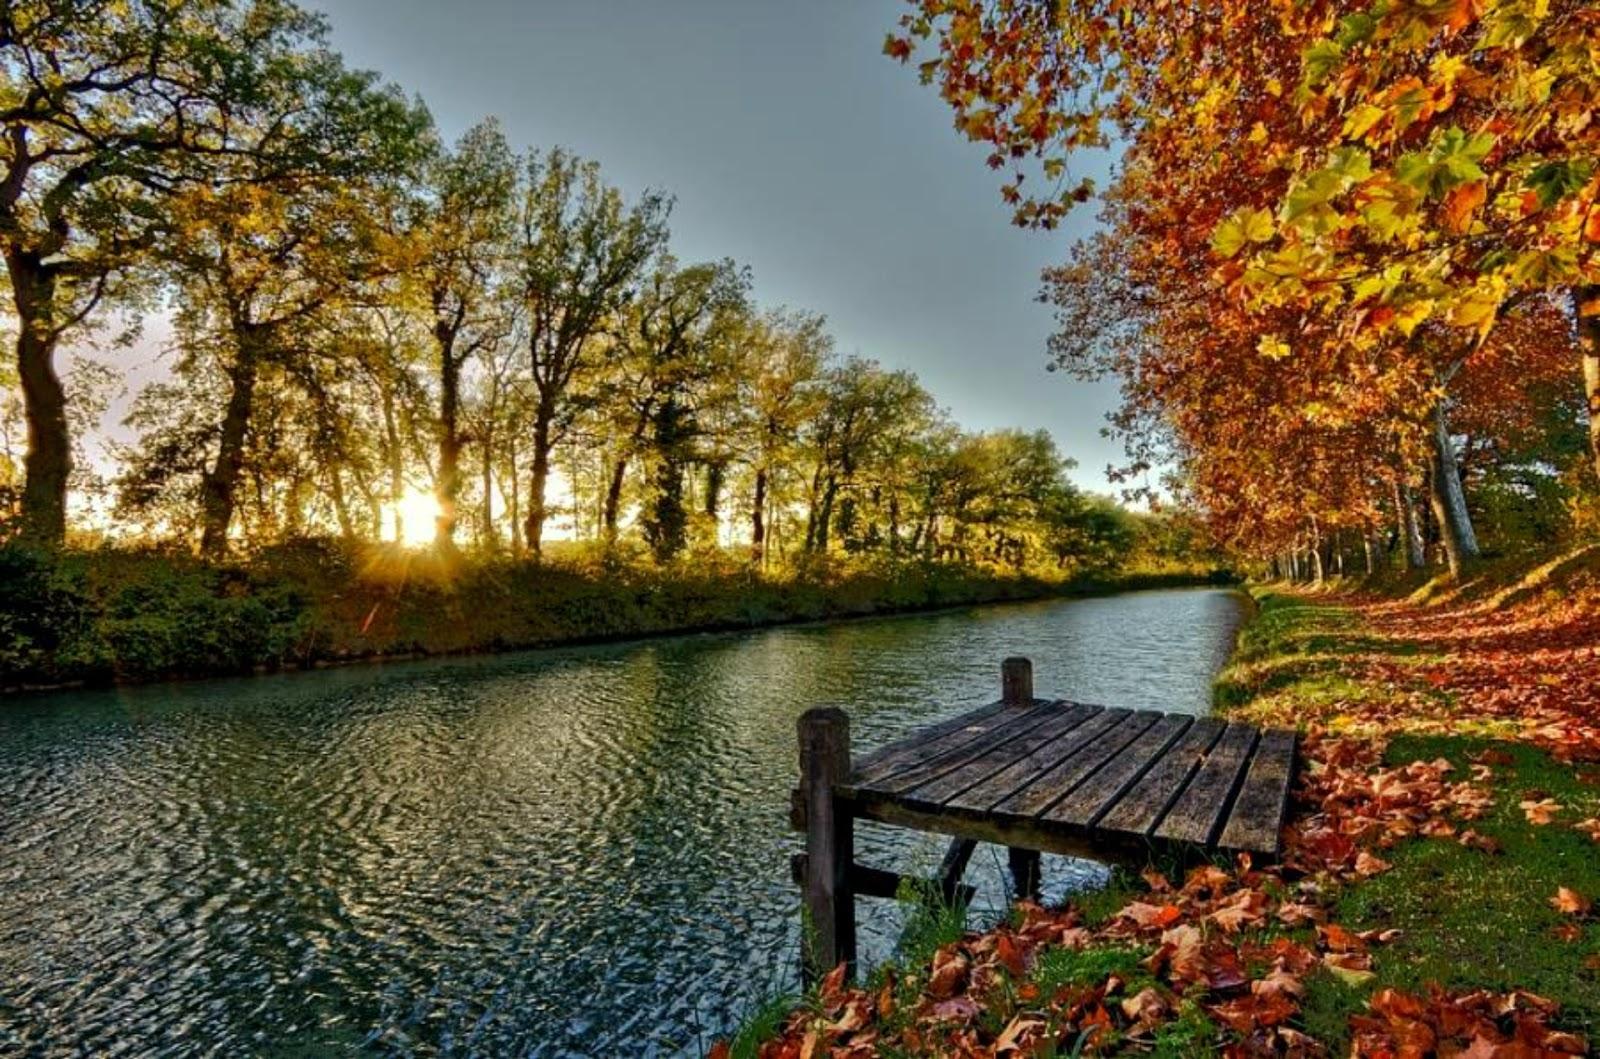 صورة اجمل الصور الطبيعية في العالم , احلى الصور عن المناظر الطبيعيه